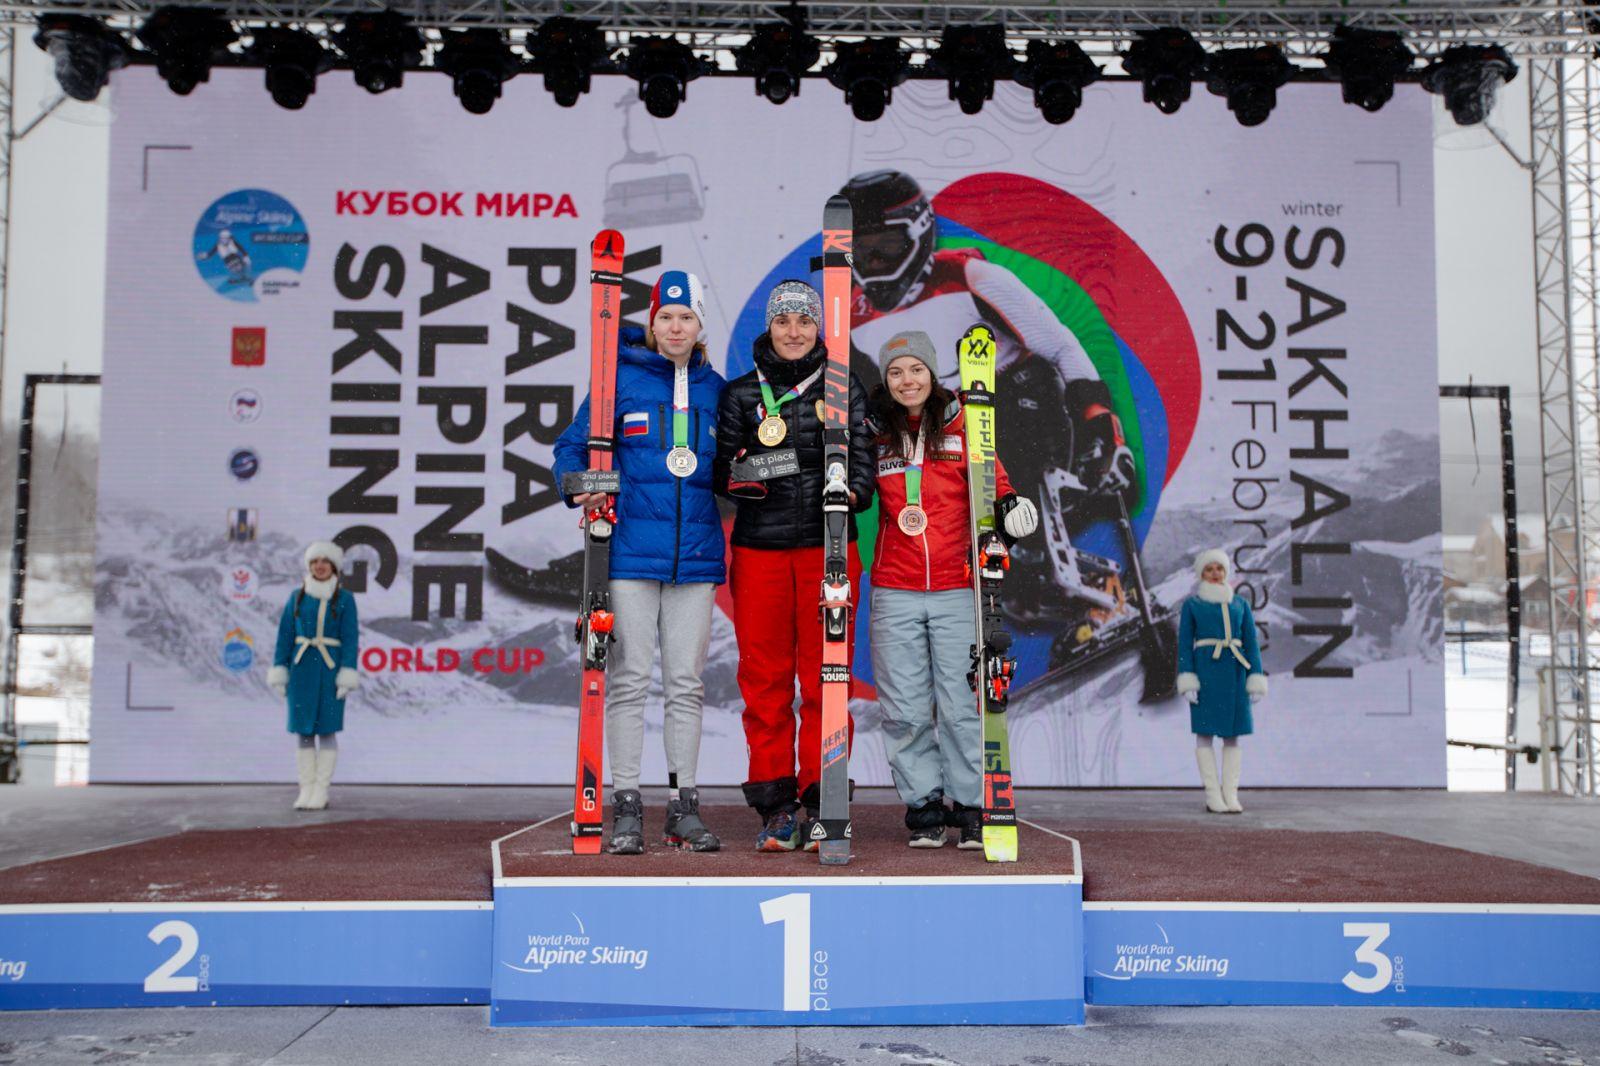 3 серебряные и 6 бронзовых медалей завоевала сборная России по итогу 3-х соревновательных дней 4-го этапа Кубка мира по горнолыжному спорту МПК в Южно-Сахалинске